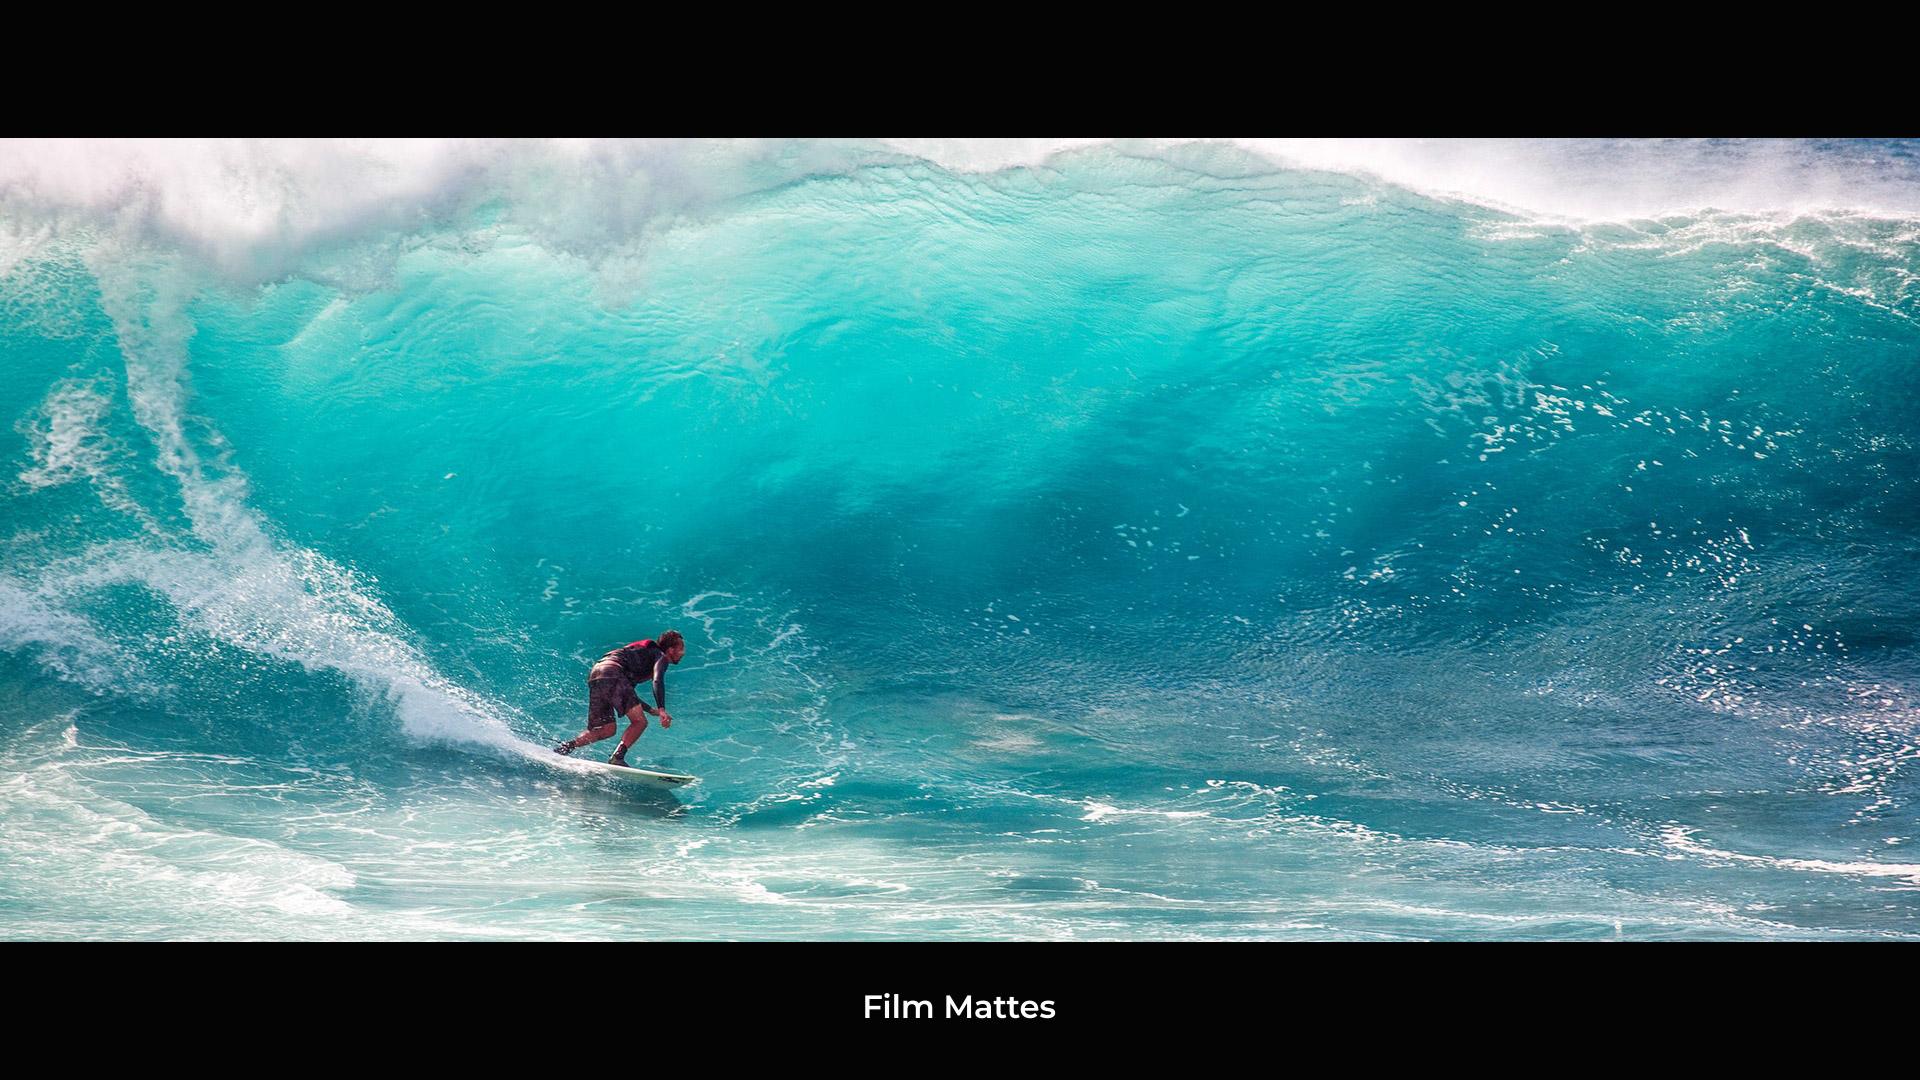 FILM-MATES-02.jpg